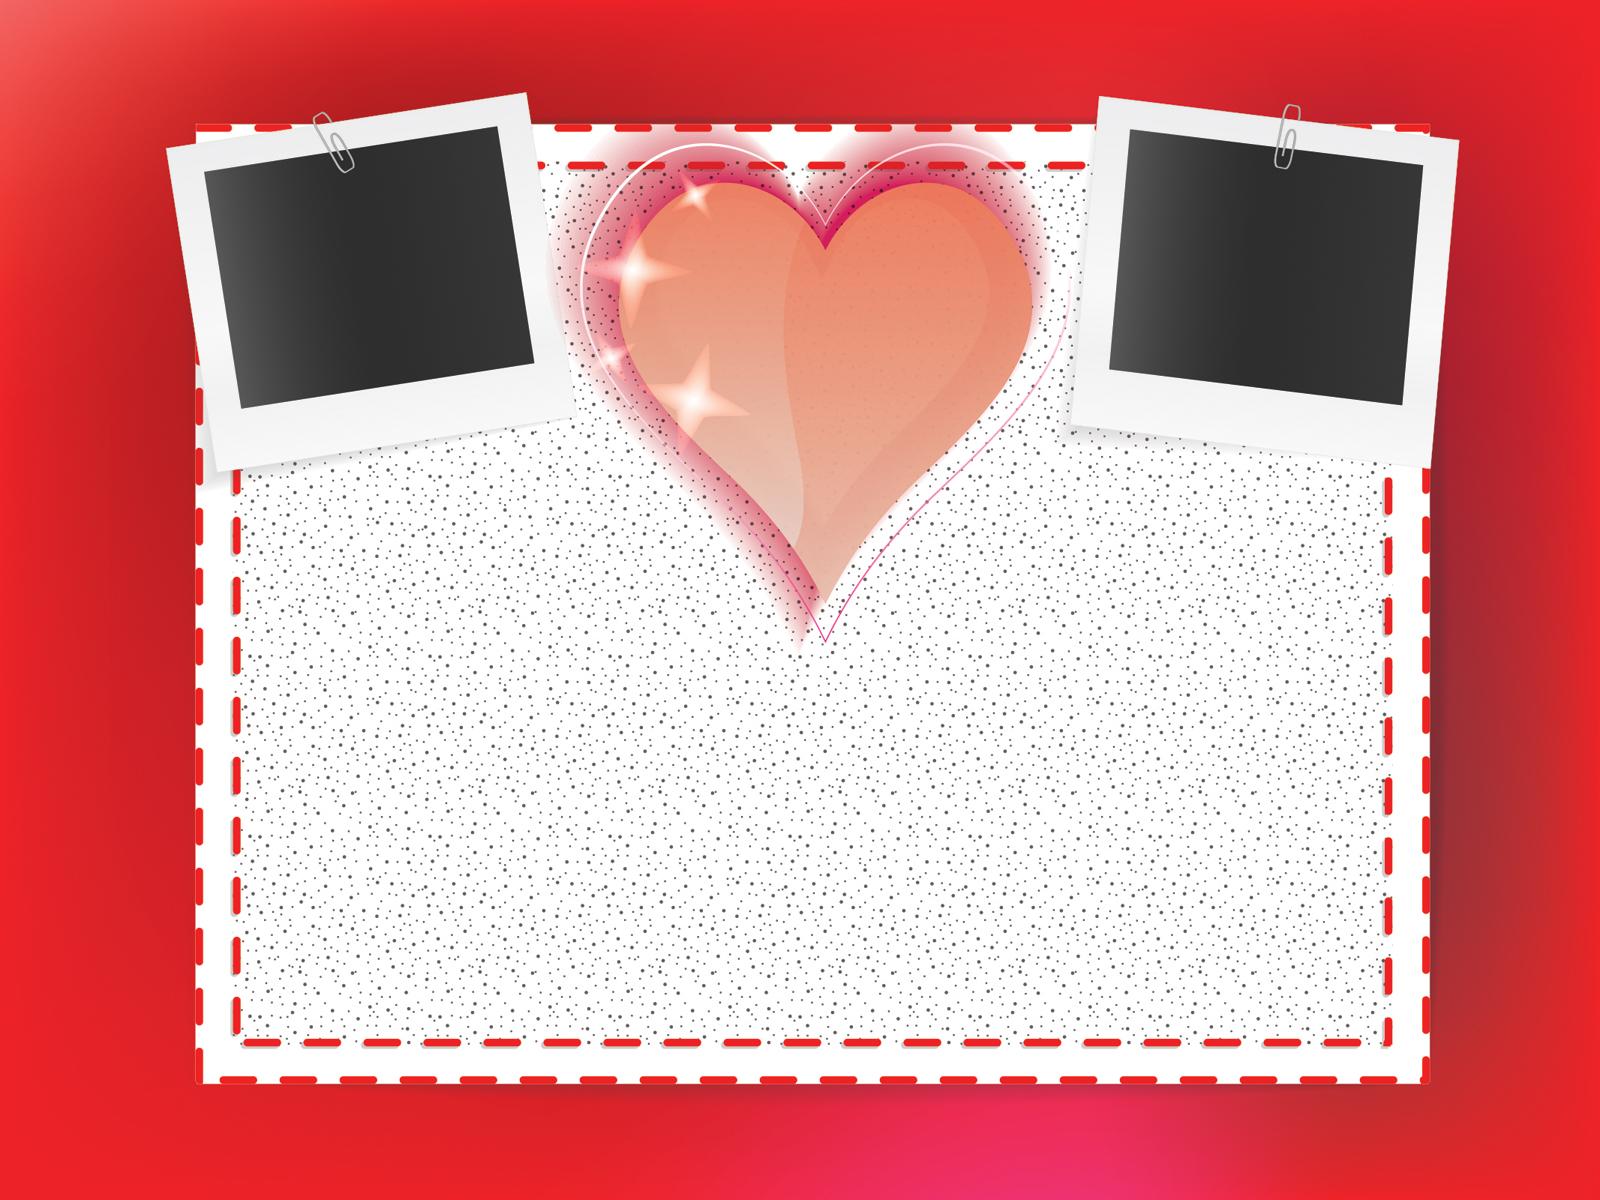 Frames of love enjoy Backgrounds - Border & Frames, Love Templates ...